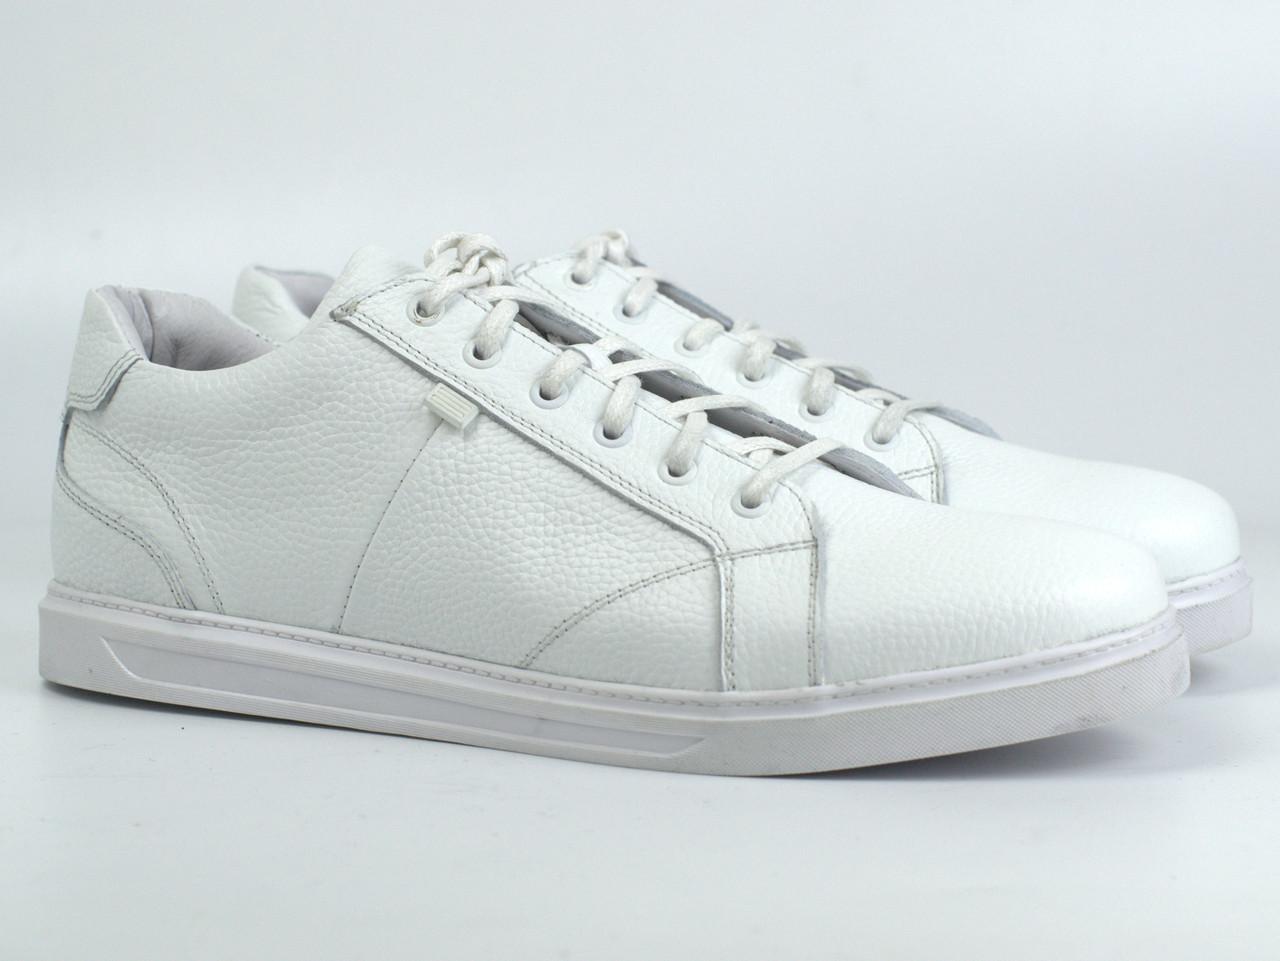 Кроссовки кеды повседневные белые мужские кожаные обувь весна лето Rosso Avangard Puran White Leather